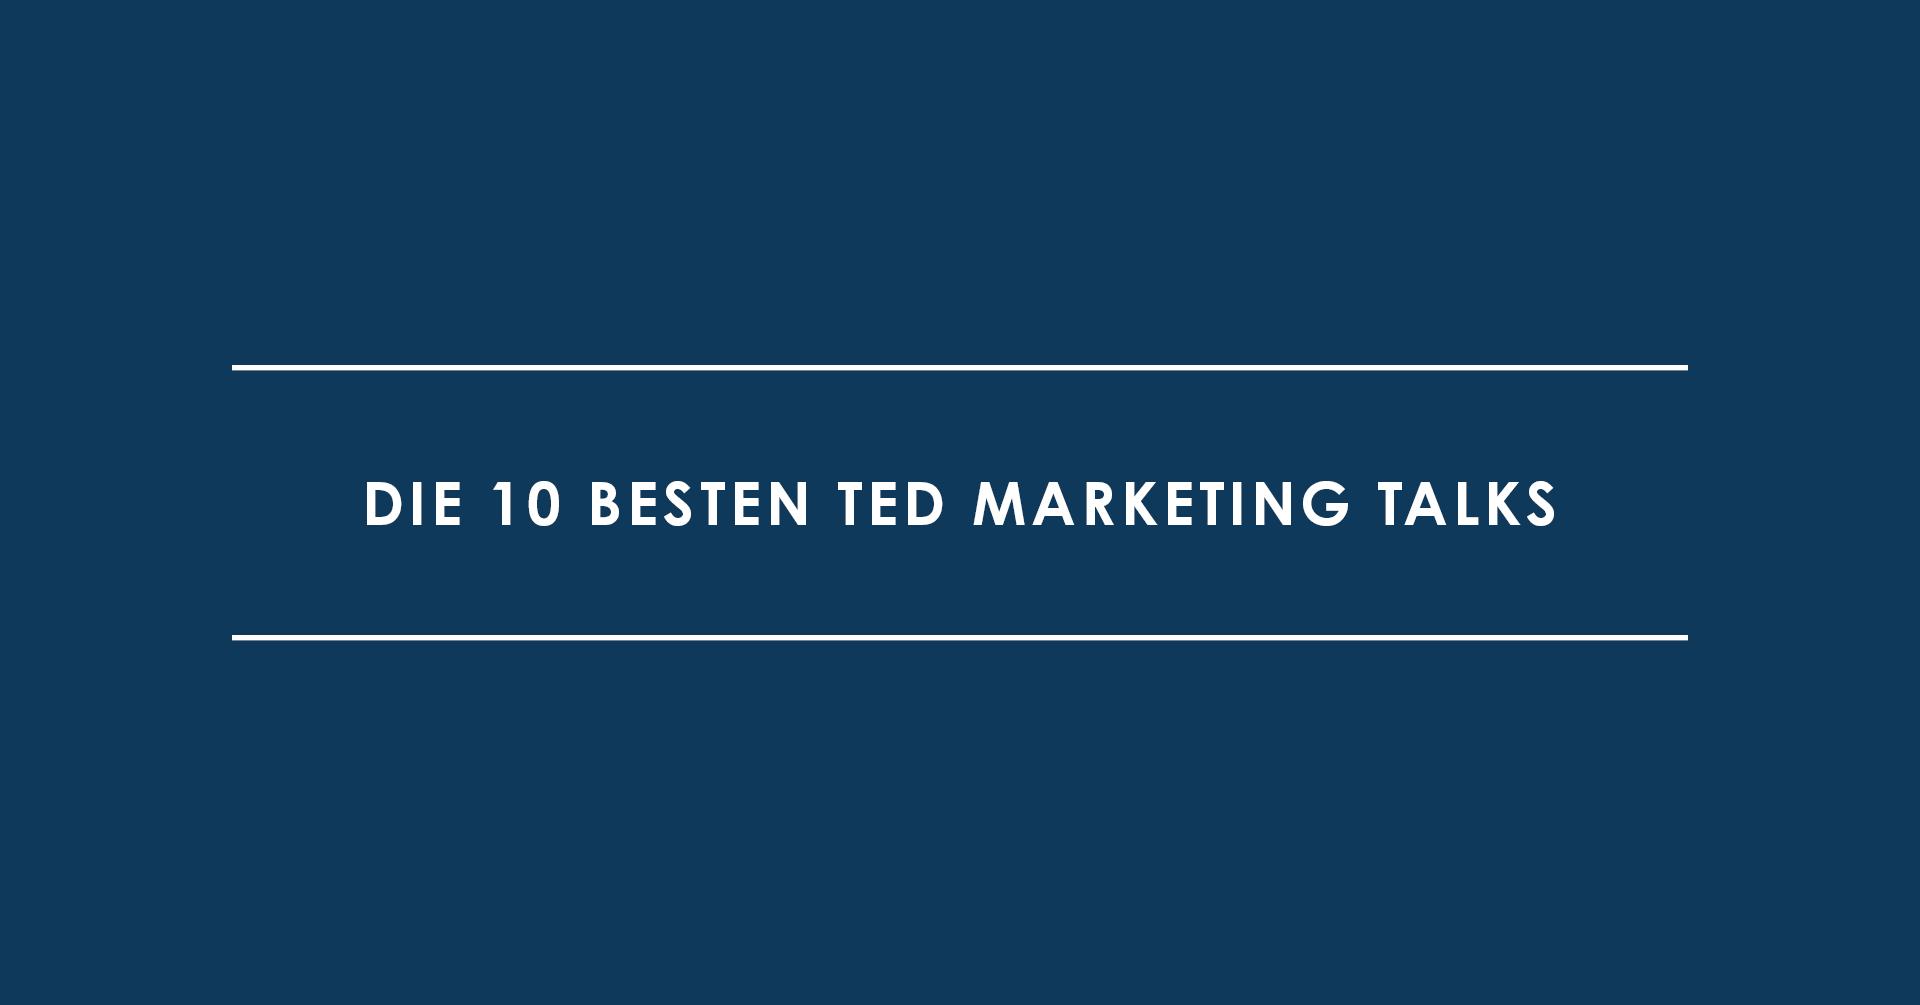 Die 10 besten TED Marketing Talks